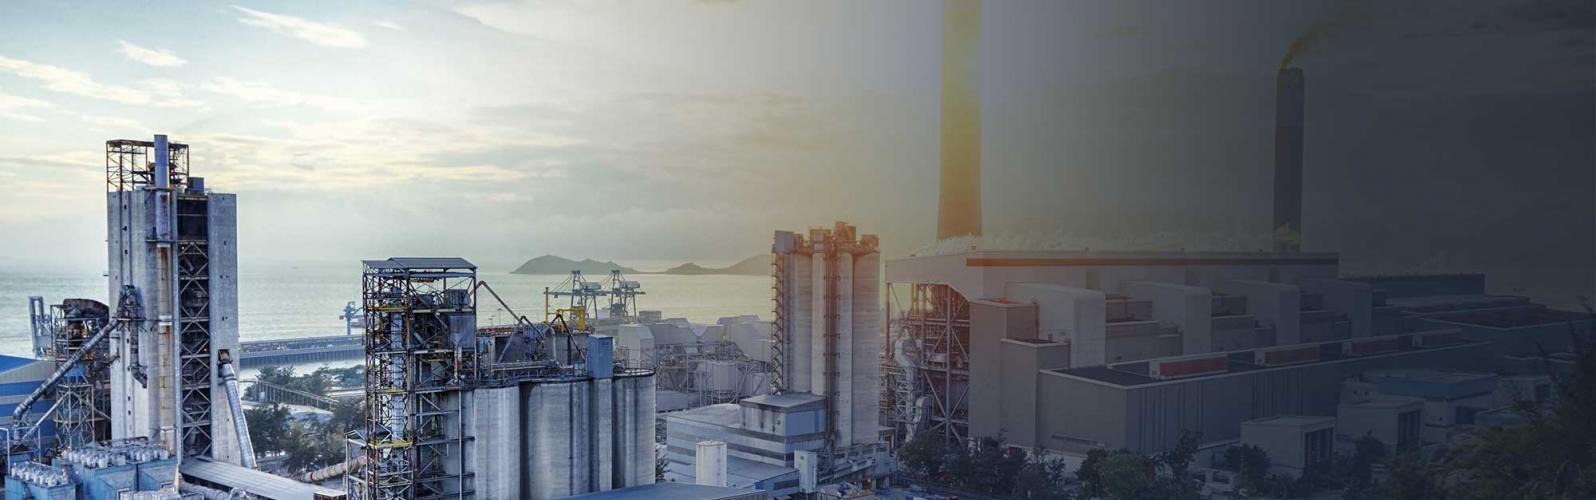 PCM不断改革创新,是专为流体提供解决方案的专业公司